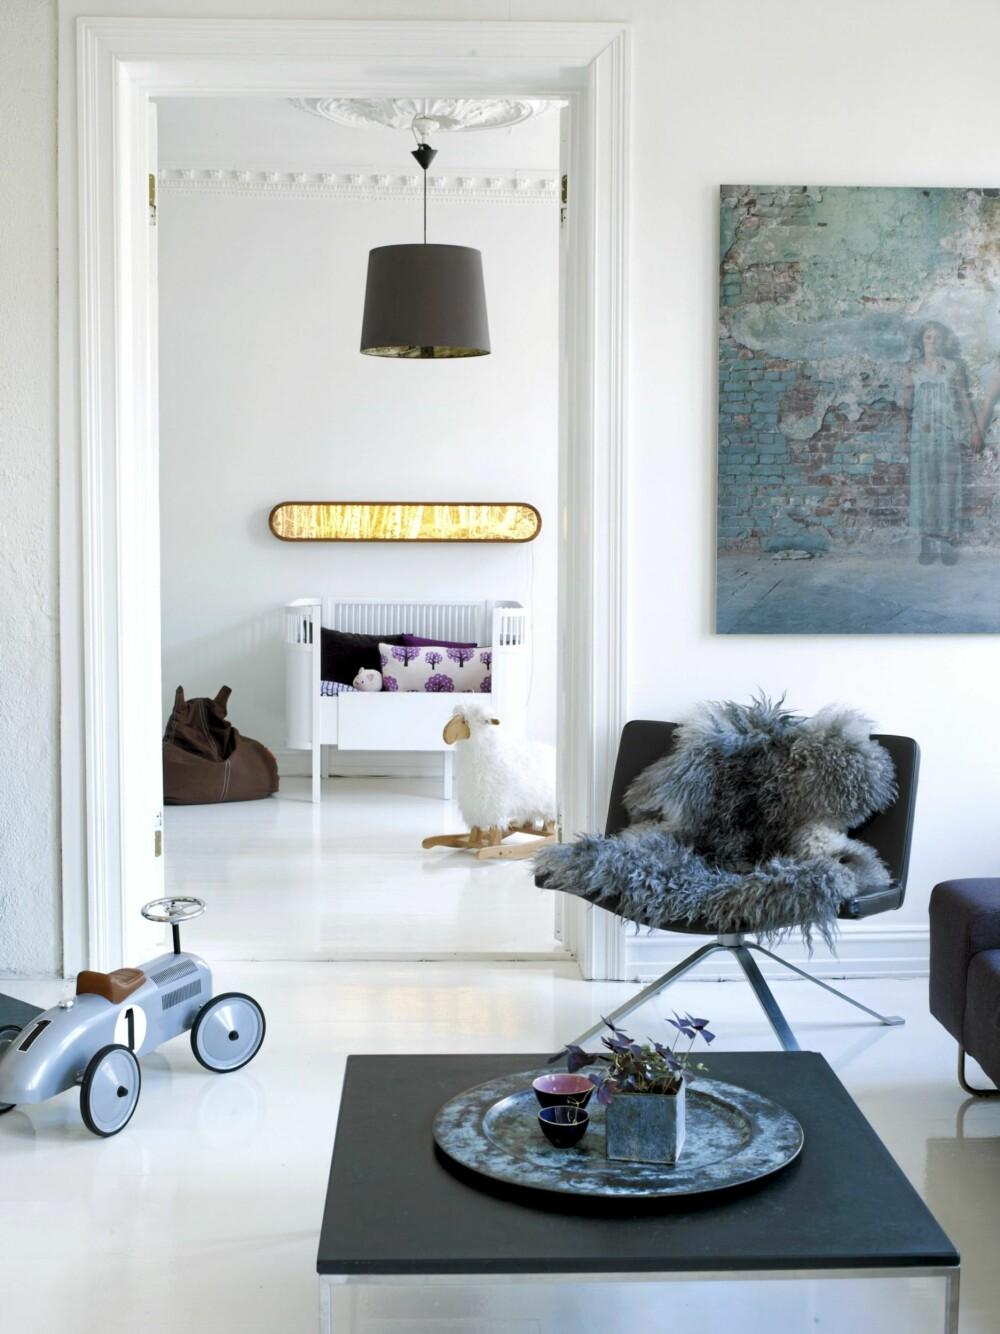 BARNEROM MØTER STUE: Barnerommet er pusset opp i samme stil som stuen slik at de to rommene henger naturlig sammen og øker romfølelsen. Vegglampe fra Eske, taklampe fra Kvist.